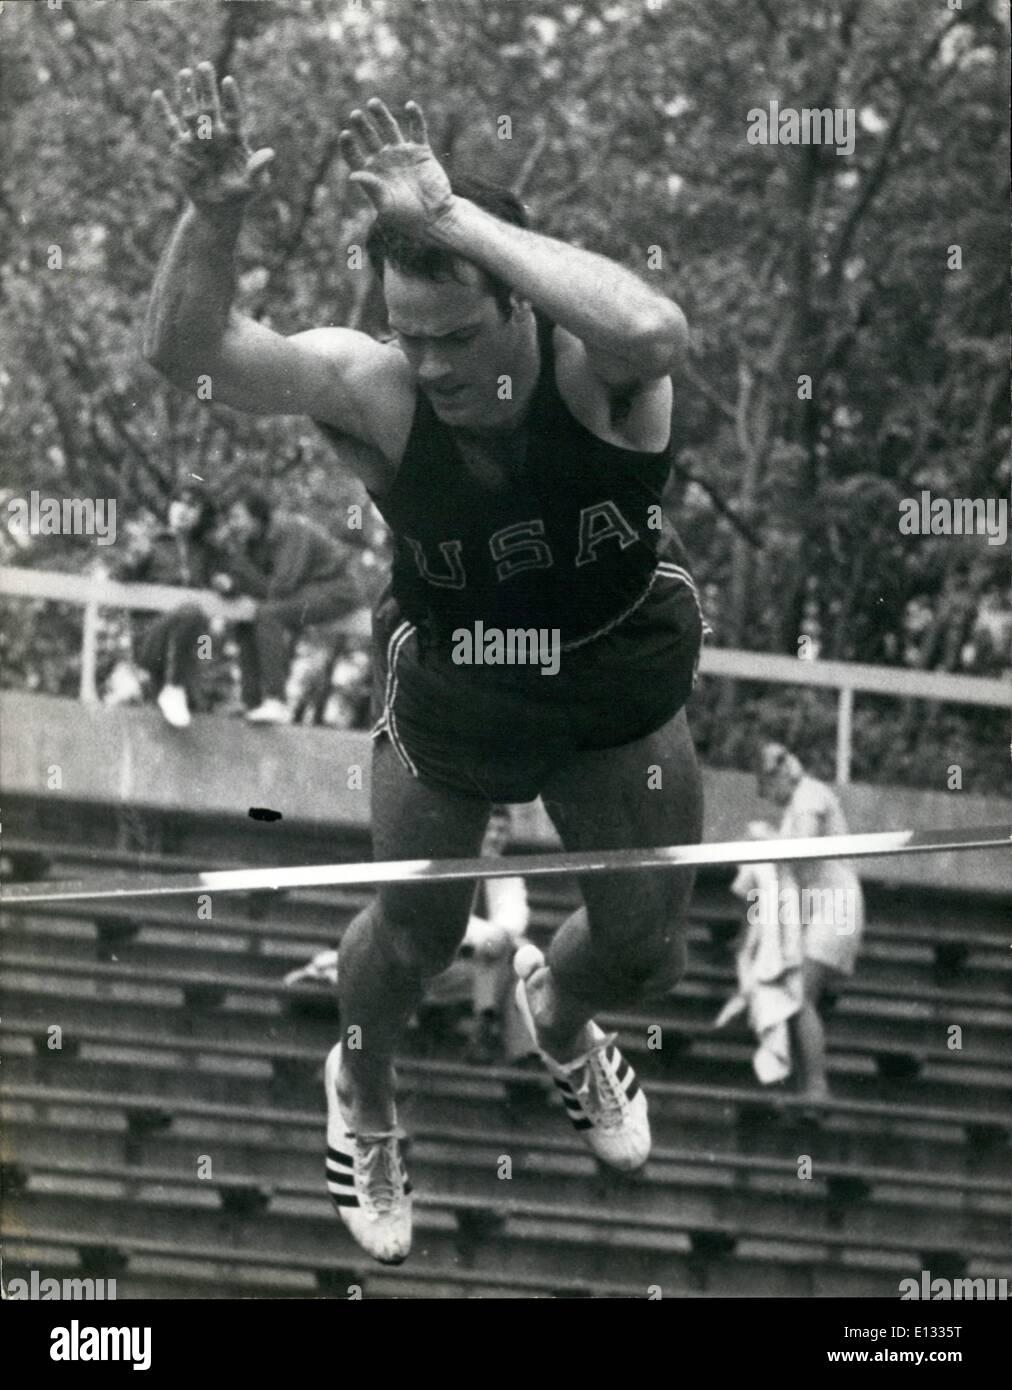 Febbraio 26, 2012 - 10 agosto 1968 atletica al Crystal Palace. La foto mostra: Bill Toomey U.S.A. vede competere nel P Immagini Stock